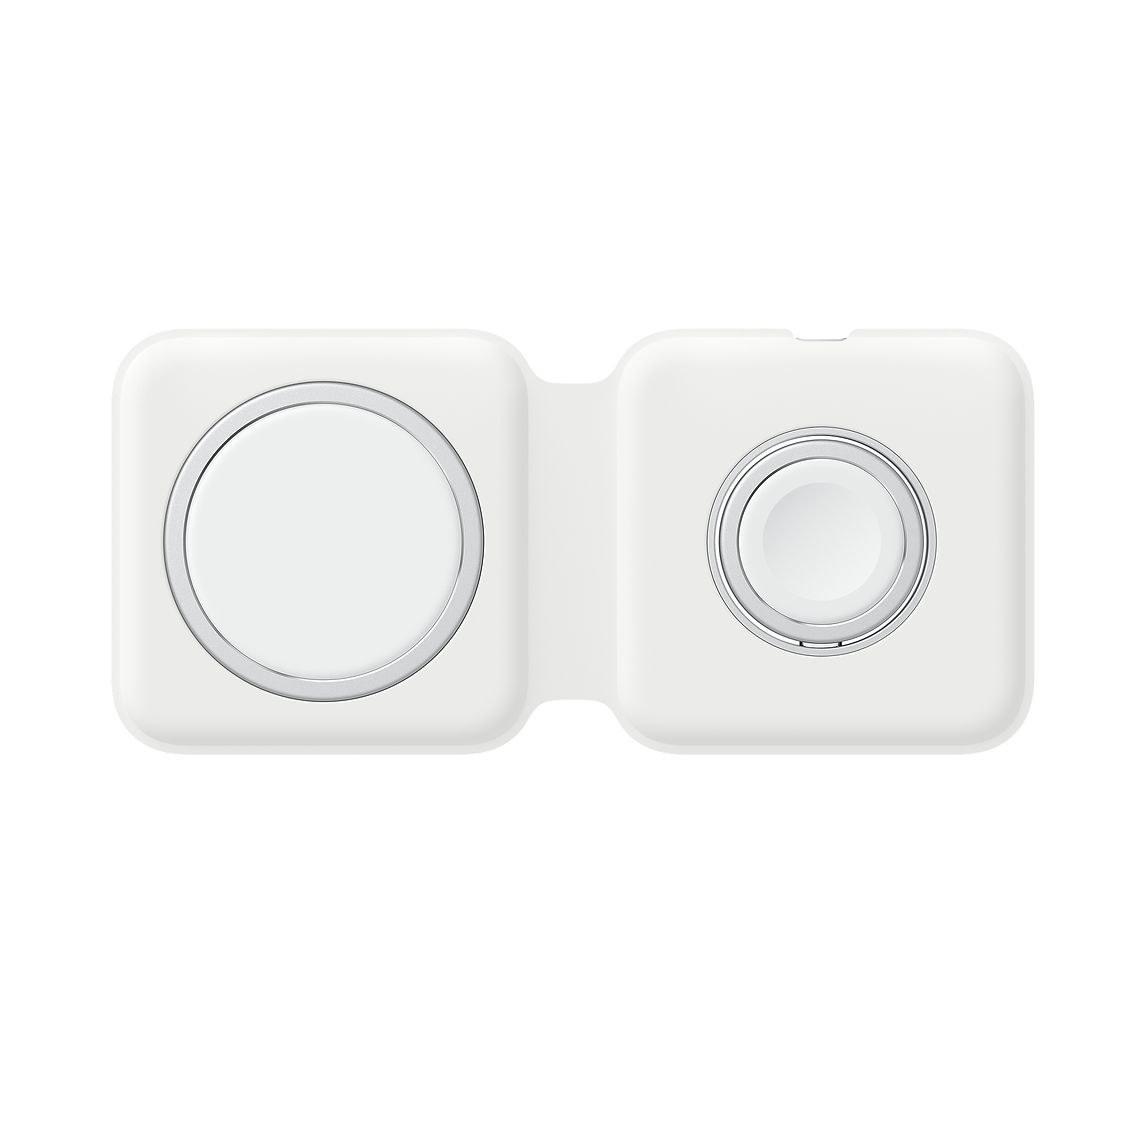 تصویر کابل شارژ اورجینال مگ سیف دوگانه اپل مدل MagSafe Duo مناسب برای آیفون، ایرپاد و آیواچ Apple MagSafe Charger for iPhone and AirPods